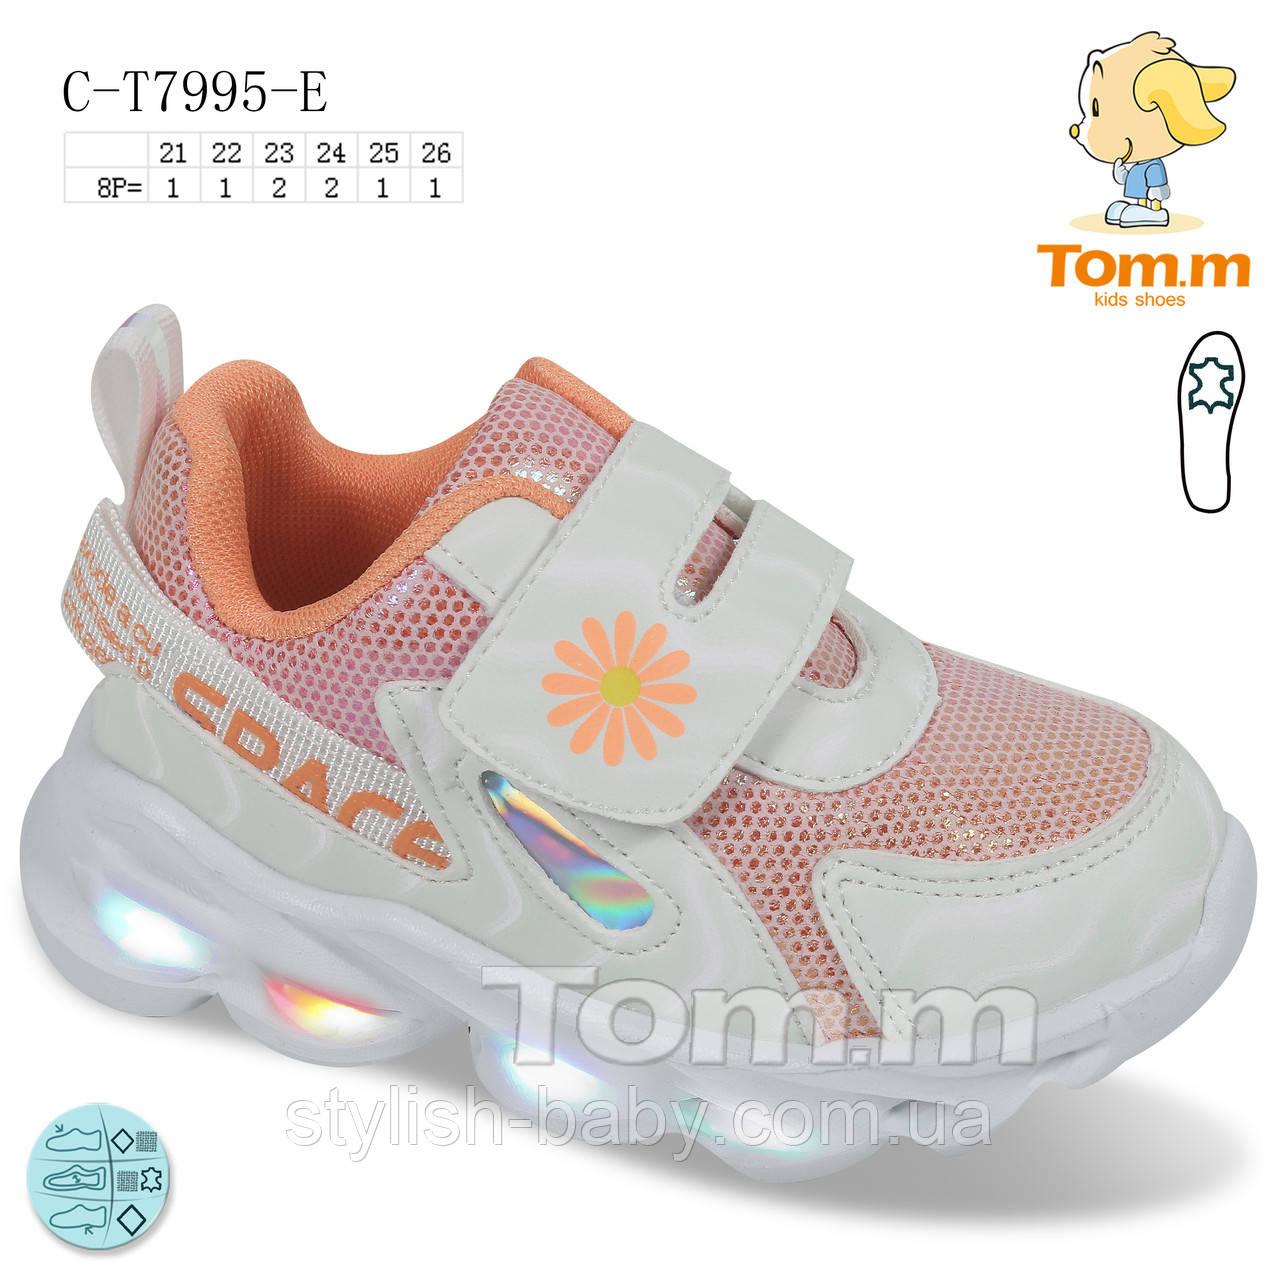 Детская спортивная обувь оптом. Детская обувь 2021 бренда Tom.m для девочек (рр. с 21 по 26)